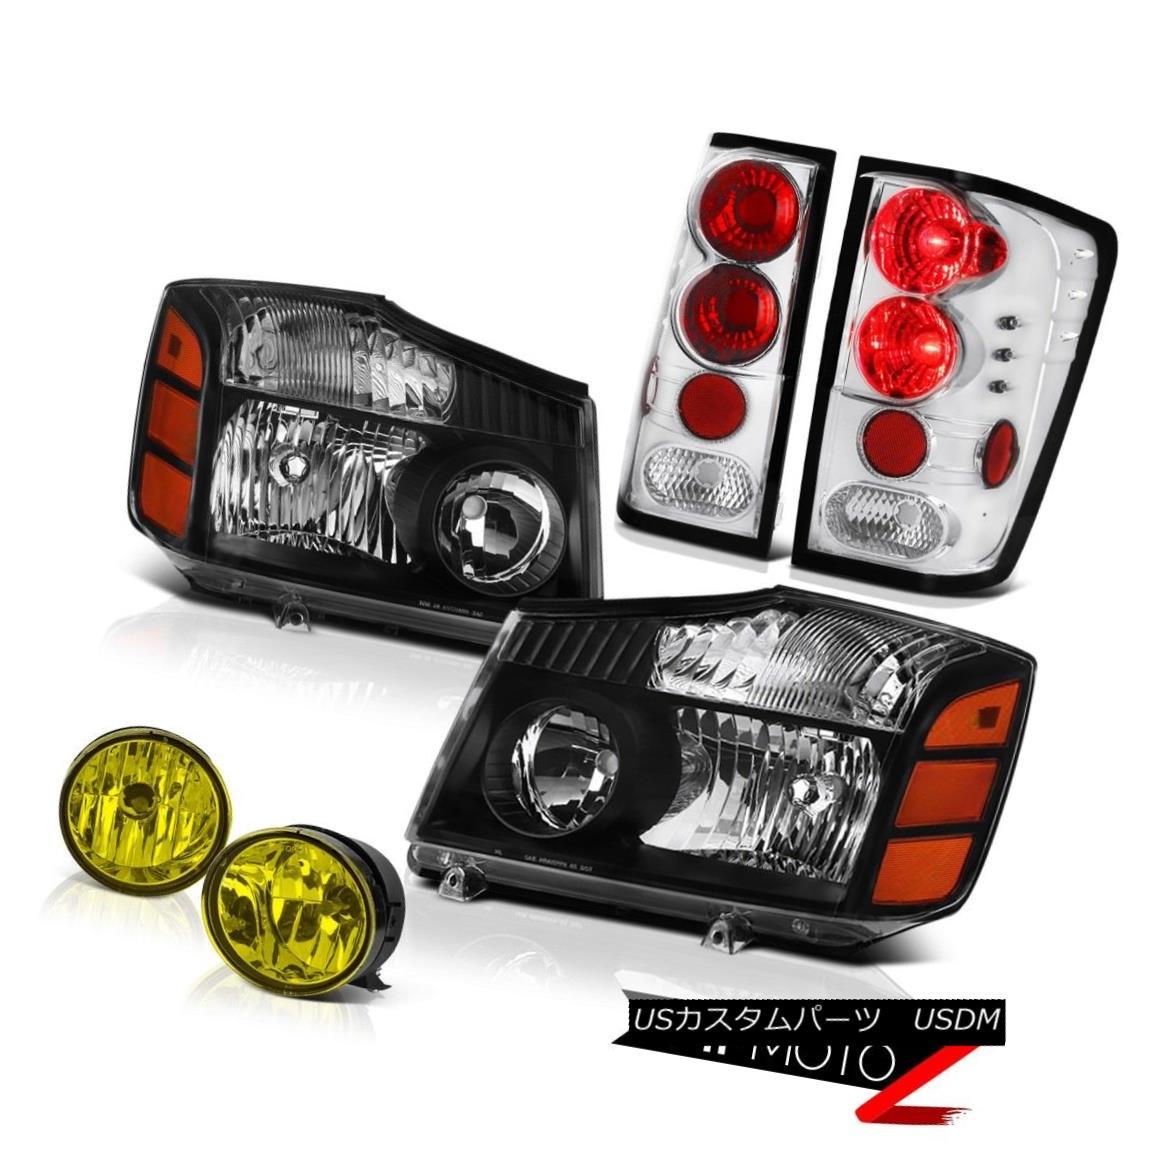 ヘッドライト For 2004-2015 Titan L+R Black Replacement Headlight Chrome Tail Lamp Yellow Fog 2004年?2015年タイタンL + Rブラック交換ヘッドライトクロームテールランプイエローフォグ